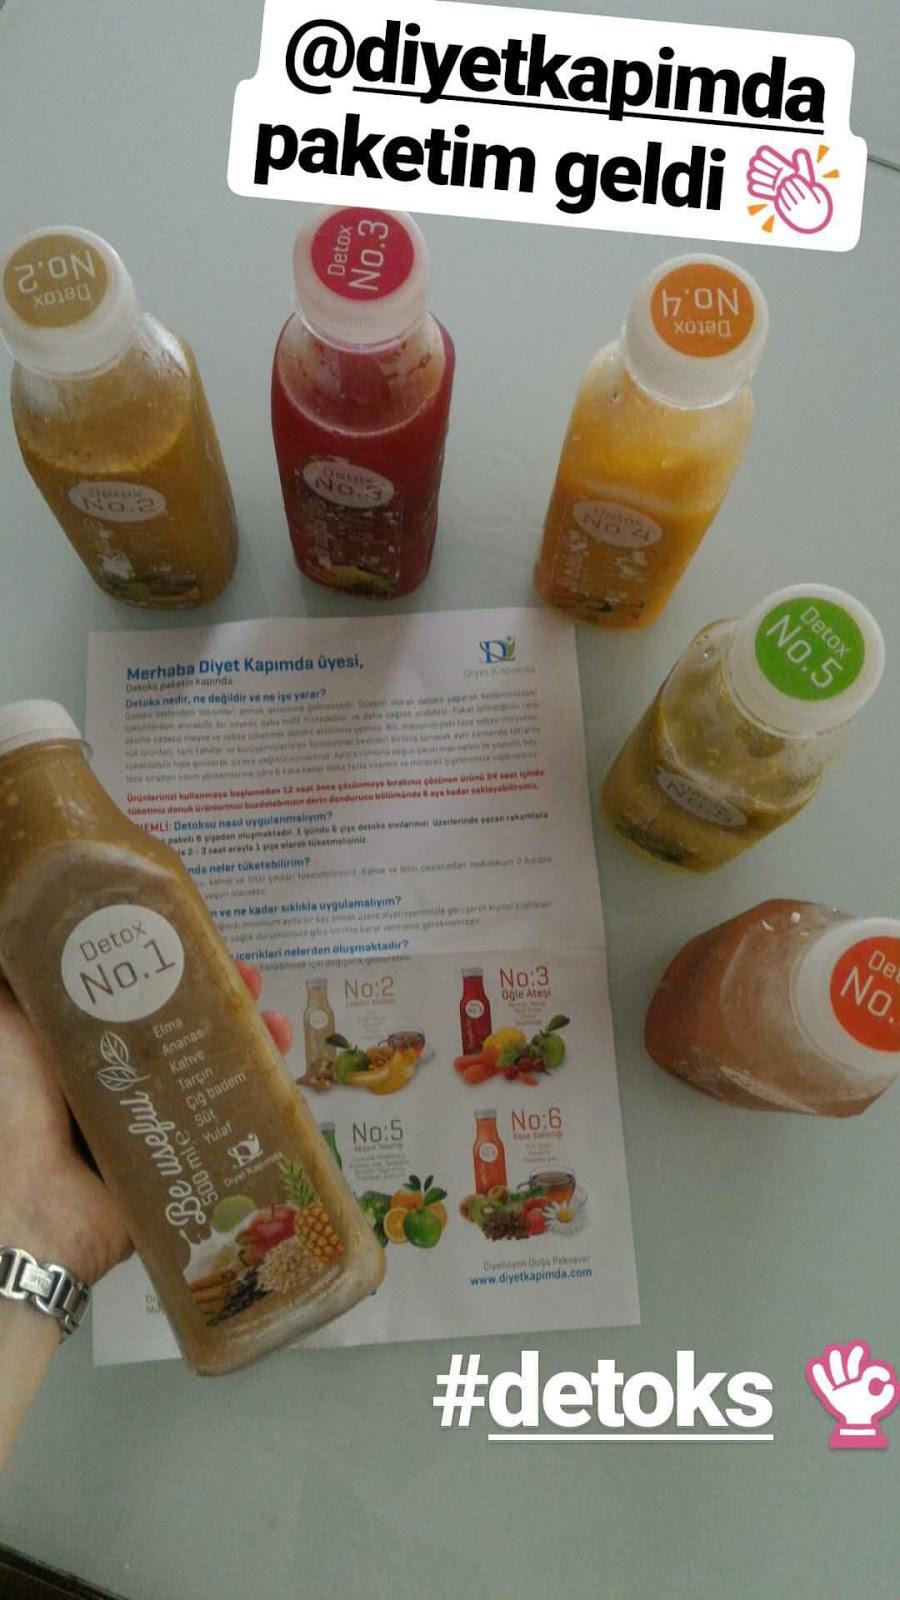 Sıvı diyet yapmak sağlıklı mı